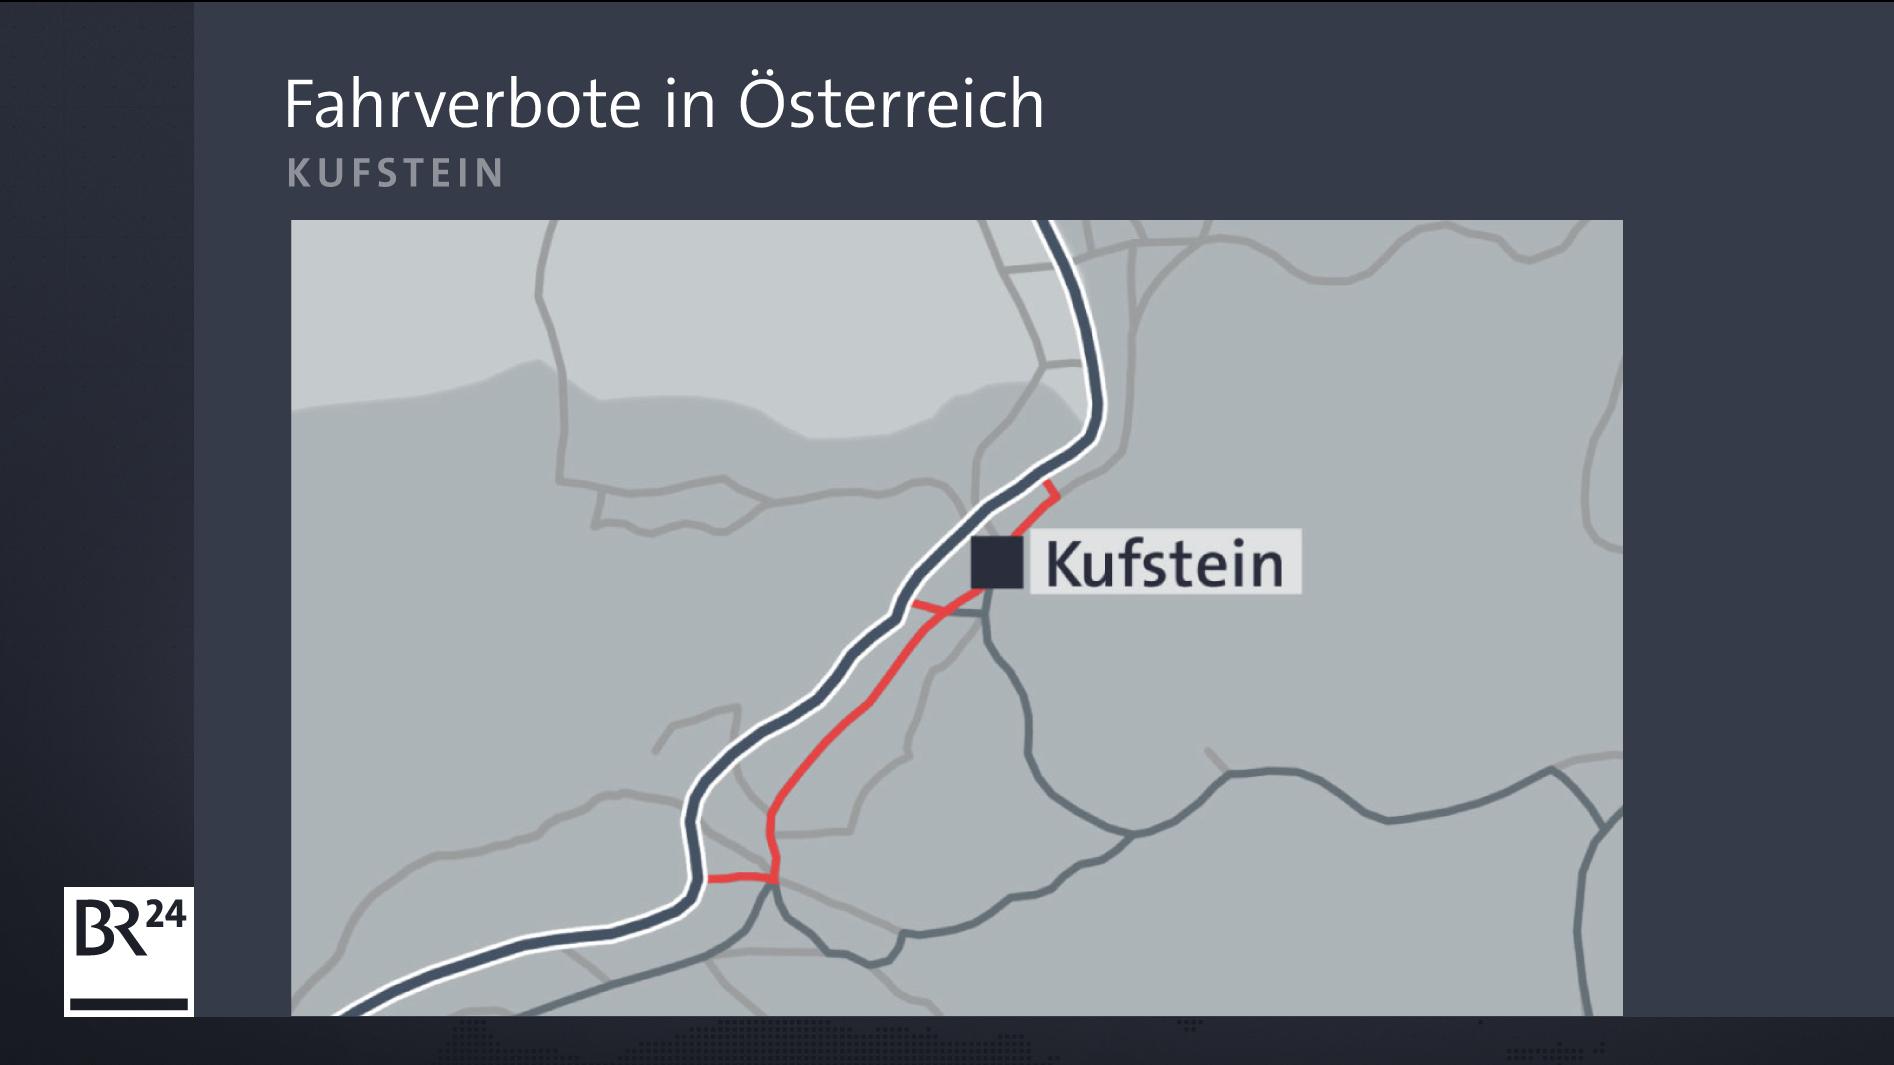 Fahrverbote rund um Kufstein